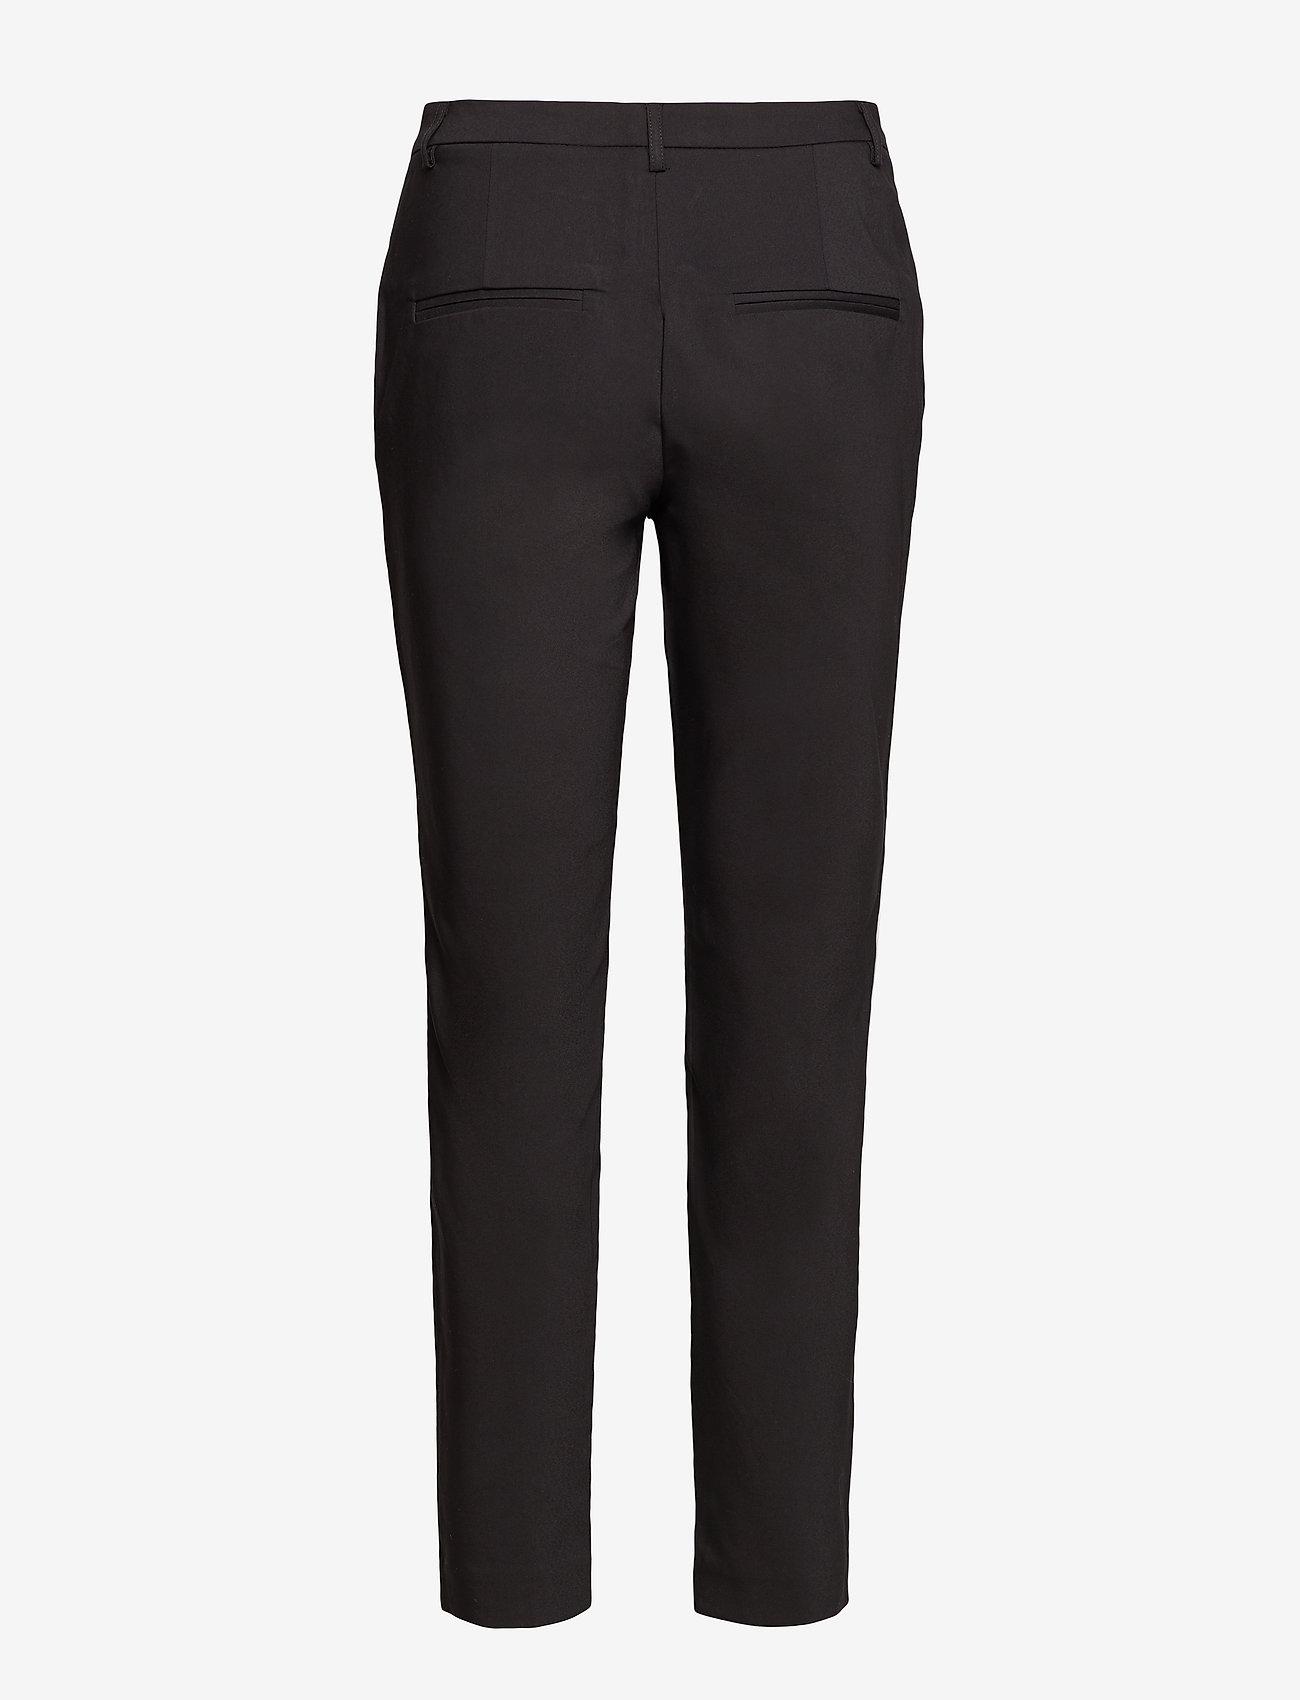 Vila - VIADELIA RWSL 7/8 NEW PANT-NOOS - straight leg trousers - black - 1